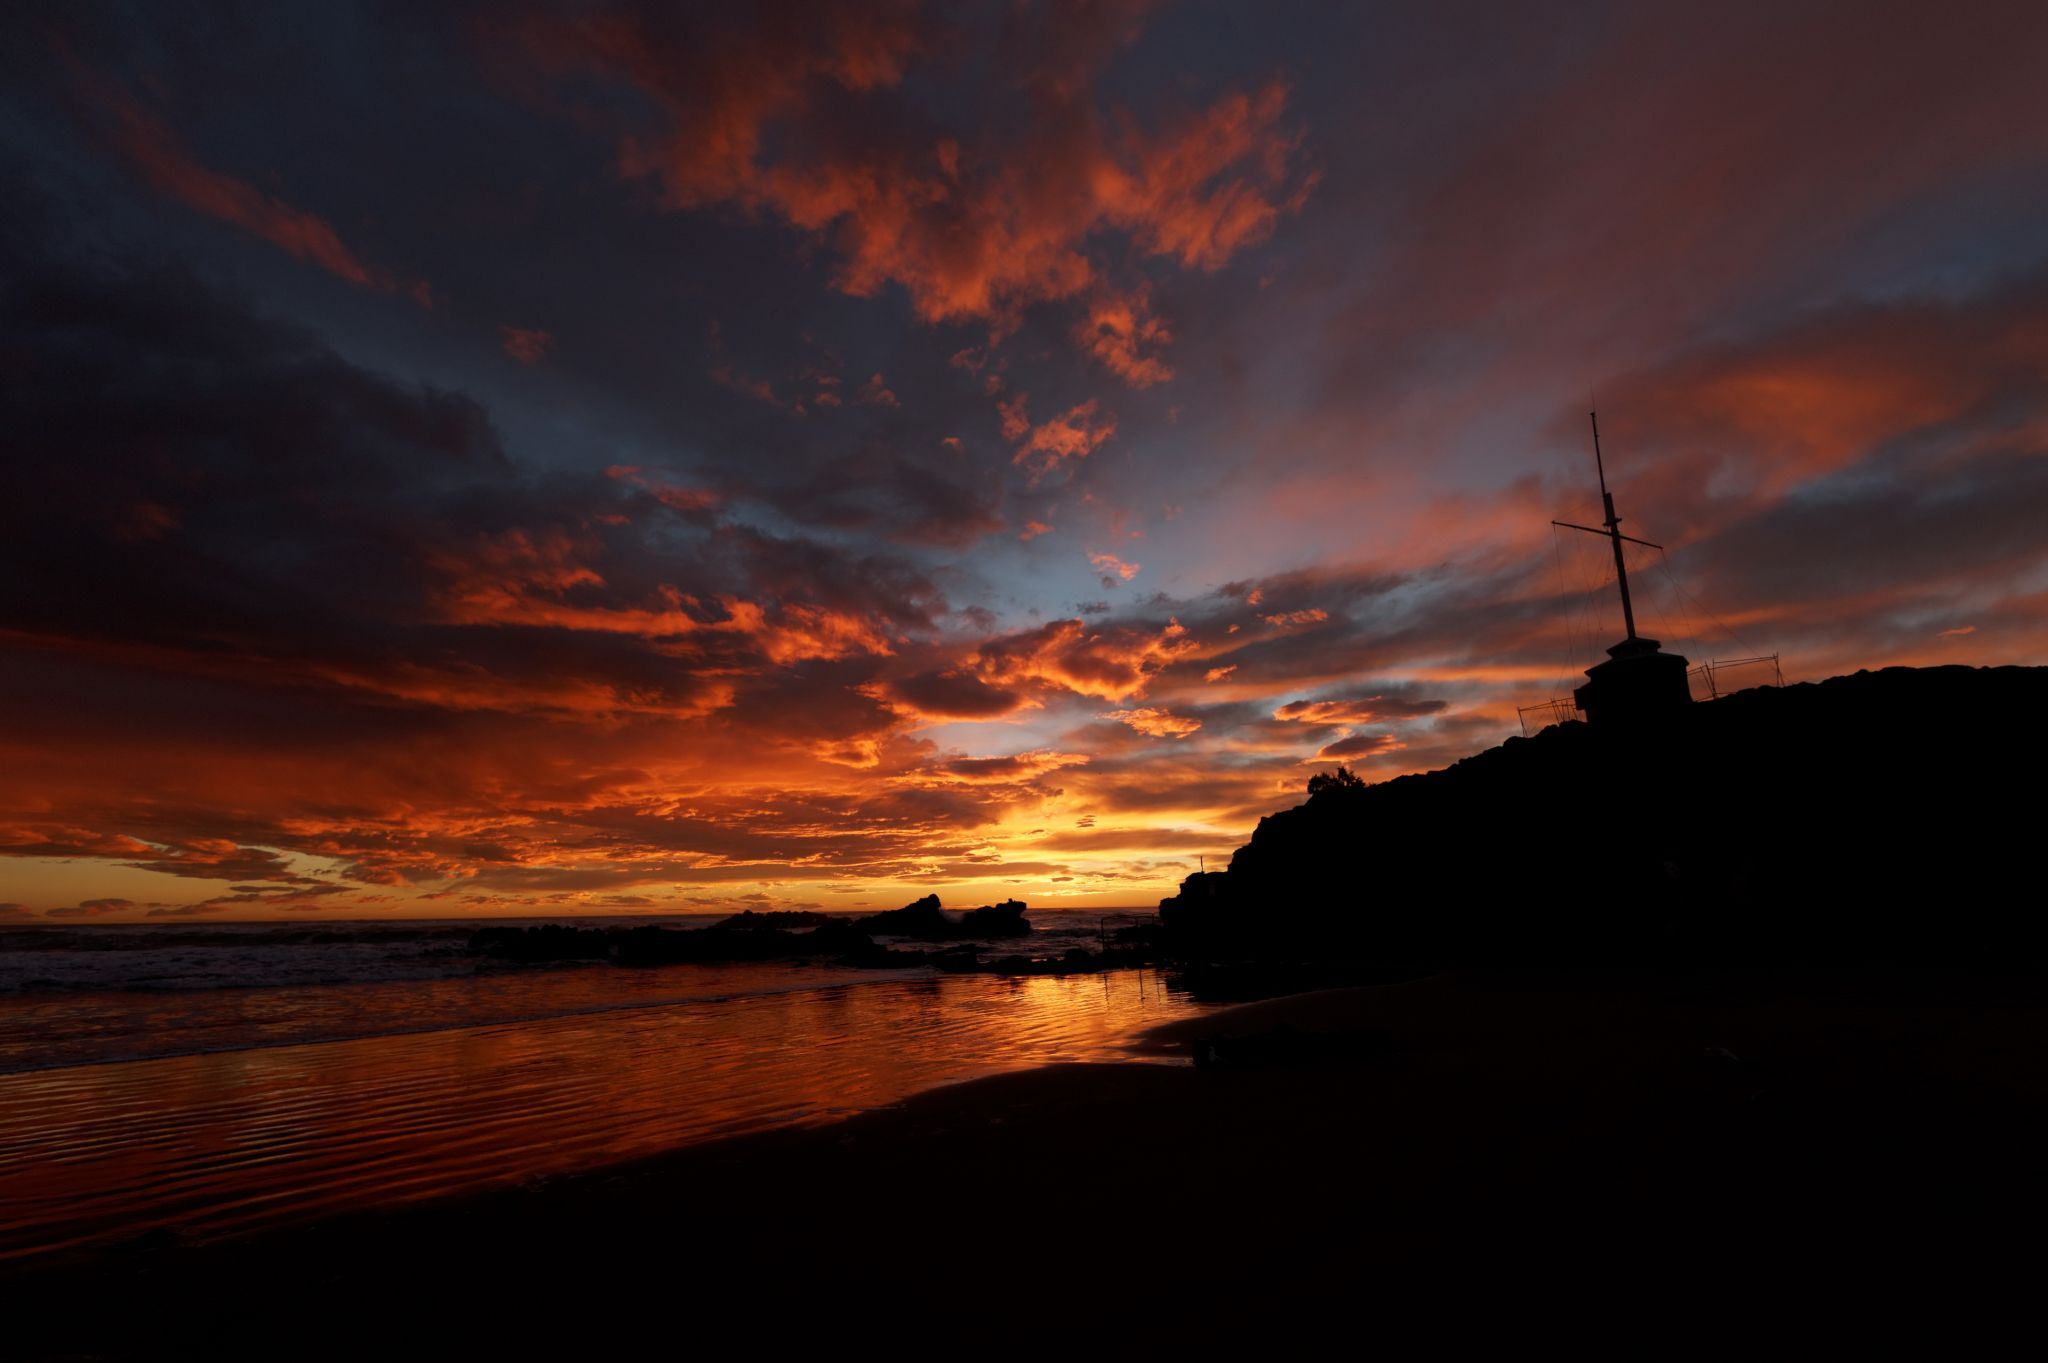 Sumner Beach, New Zealand